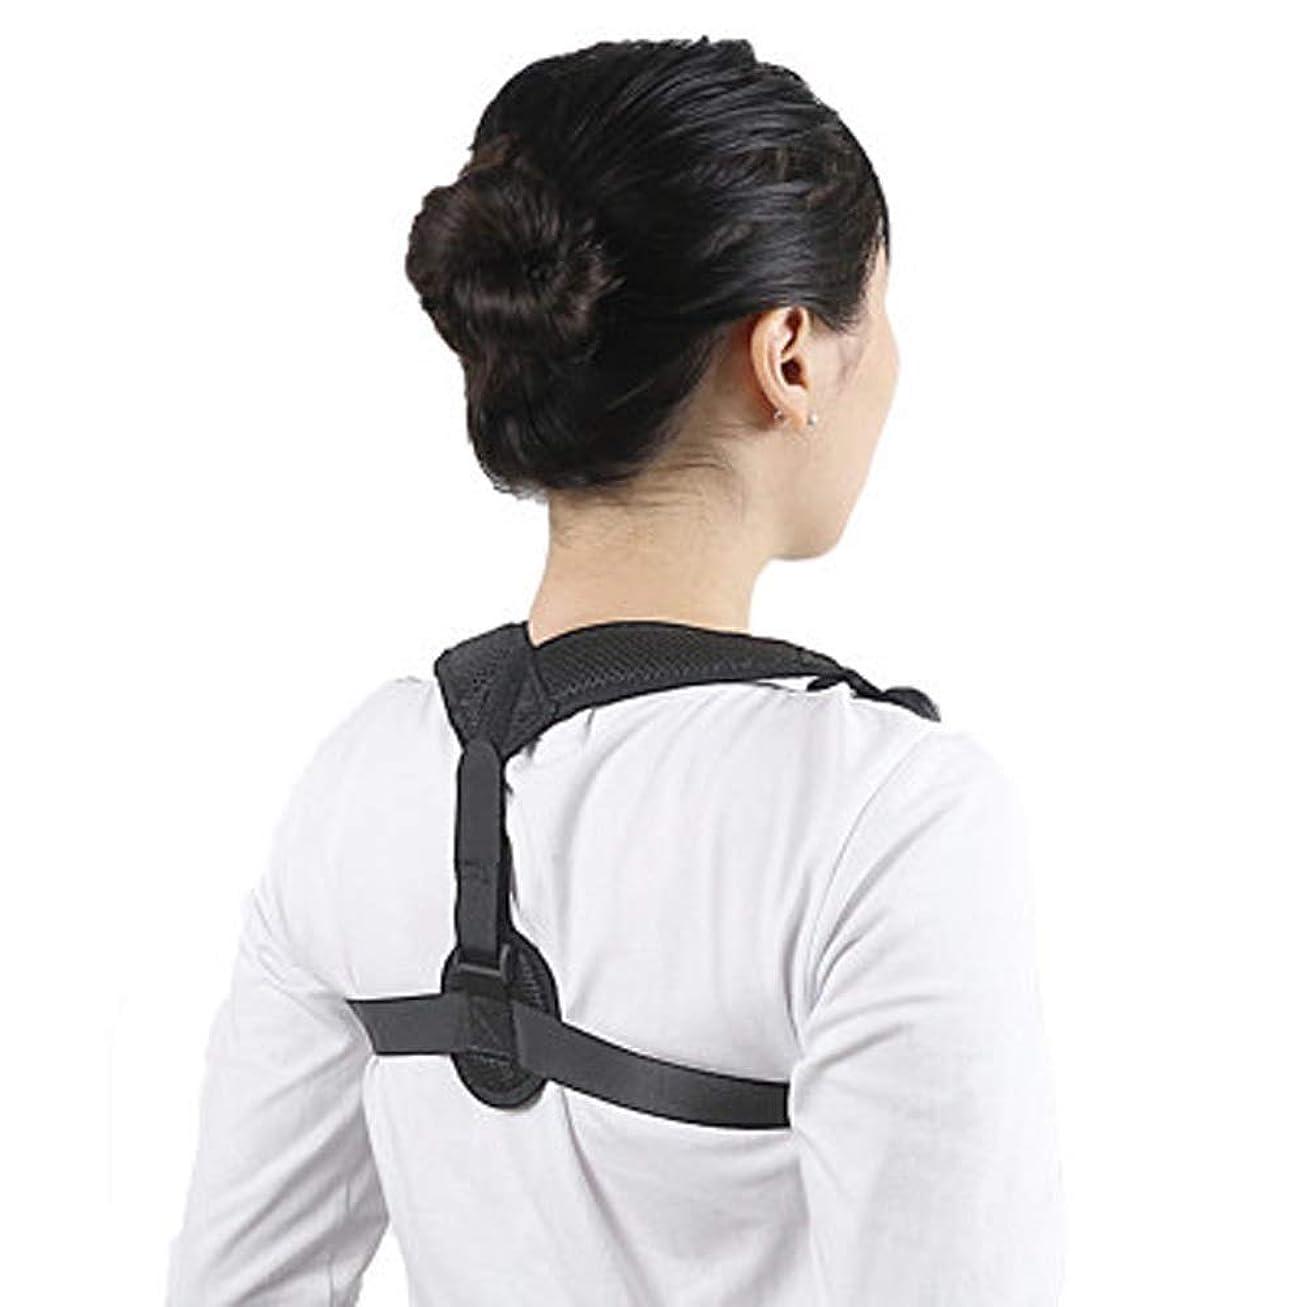 転送不均一軽減するMILUCE 姿勢補正器-調整可能な姿勢装具矯正脊椎サポートは、成人男性と女性、昼下がりの群衆を矯正するために使用されます